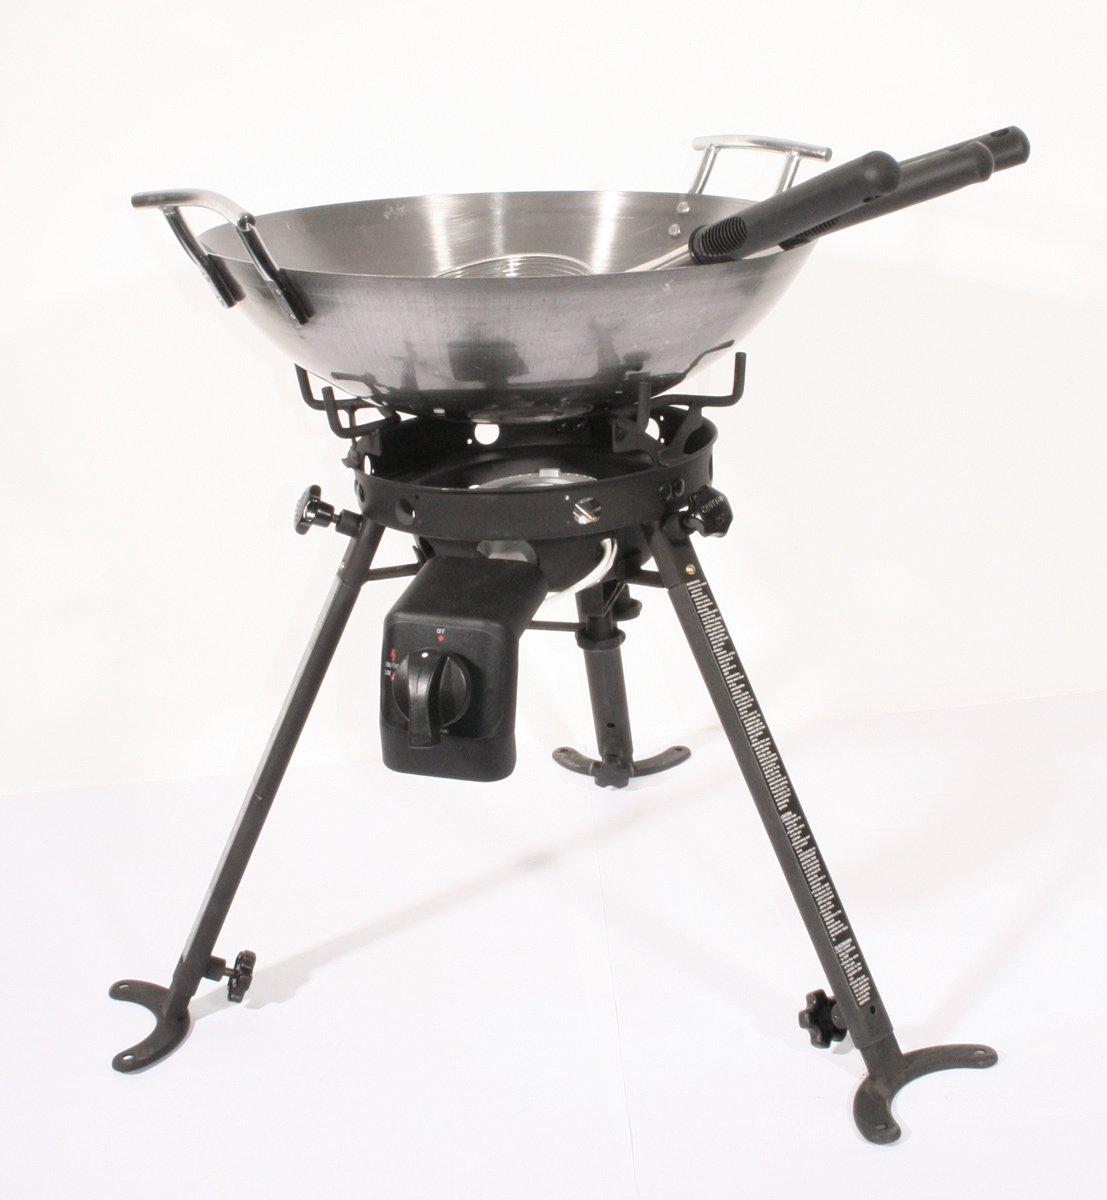 Hockerkocher 3 Fuss mit Wok, Pfannenbesteck S+R jetzt kaufen